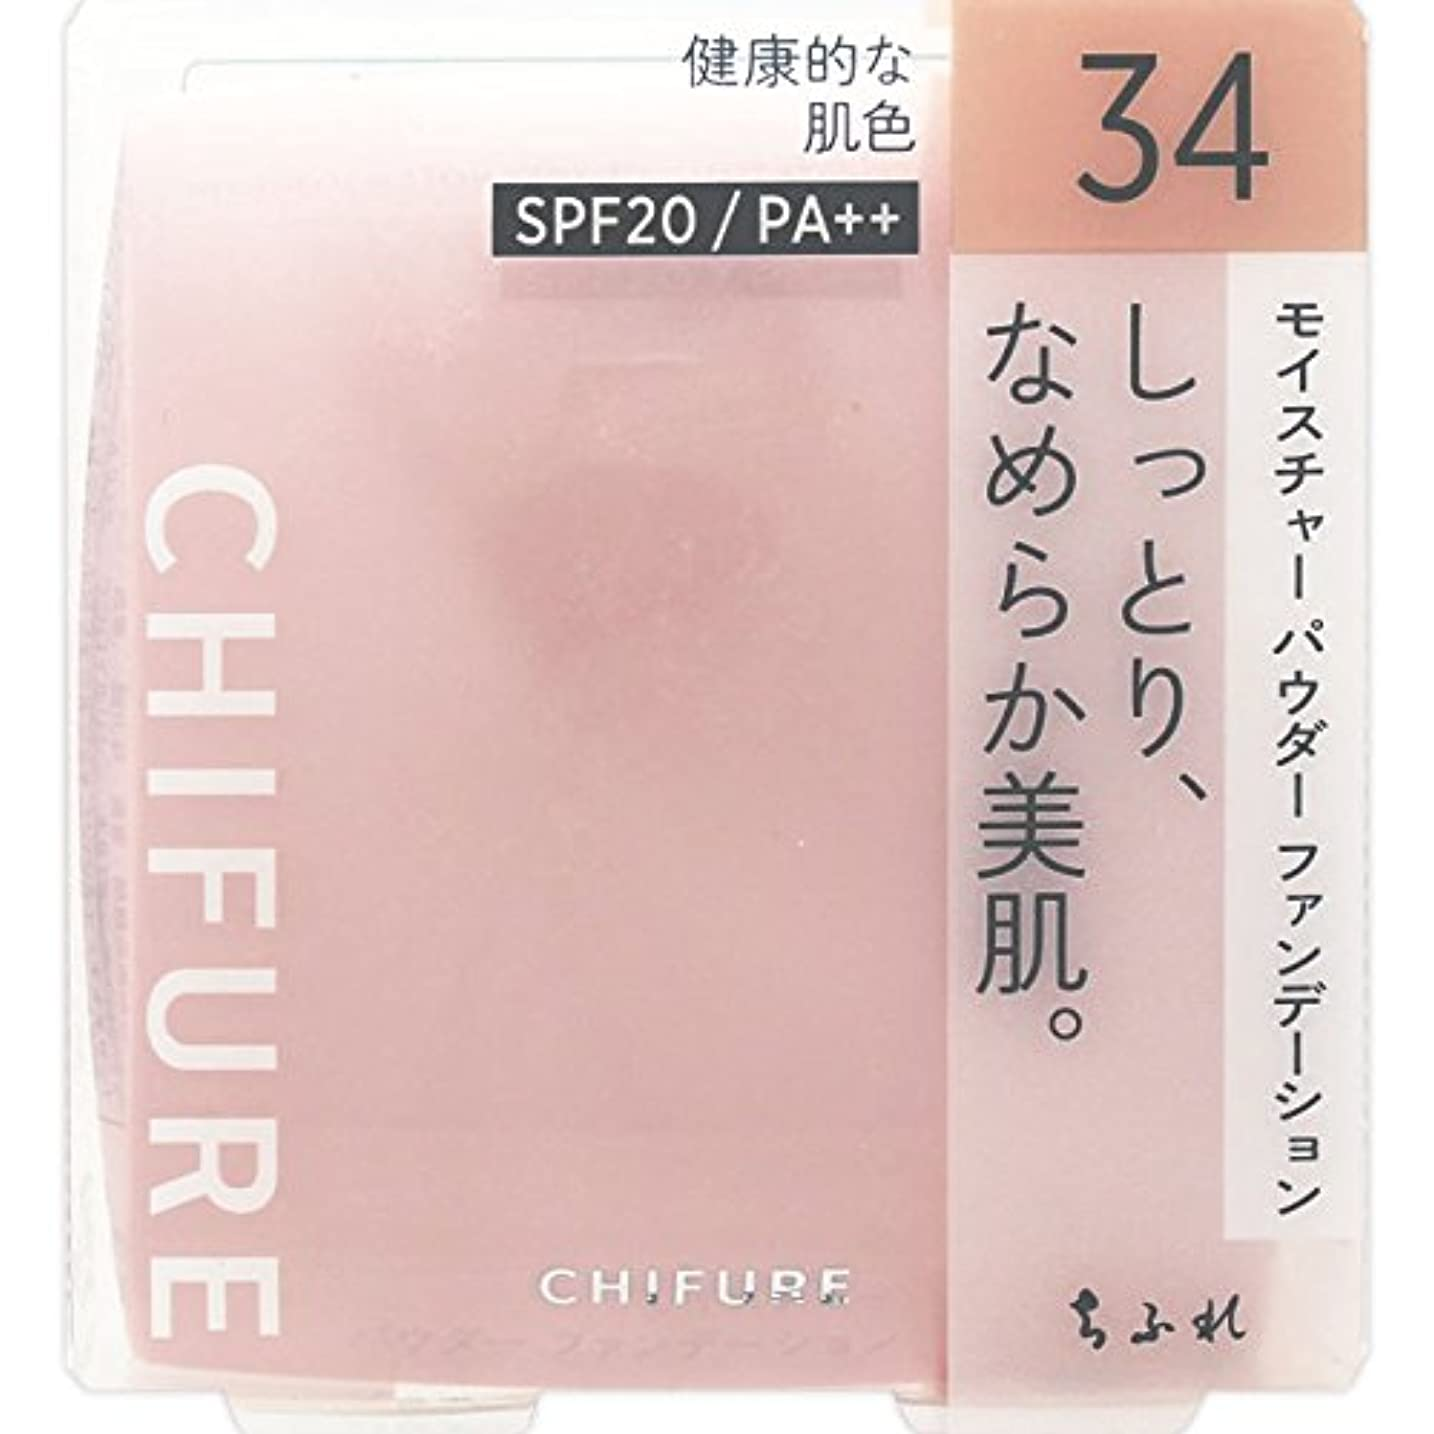 ムスタチオ韓国語歴史ちふれ化粧品 モイスチャー パウダーファンデーション(スポンジ入り) 34 オークル系 MパウダーFD34